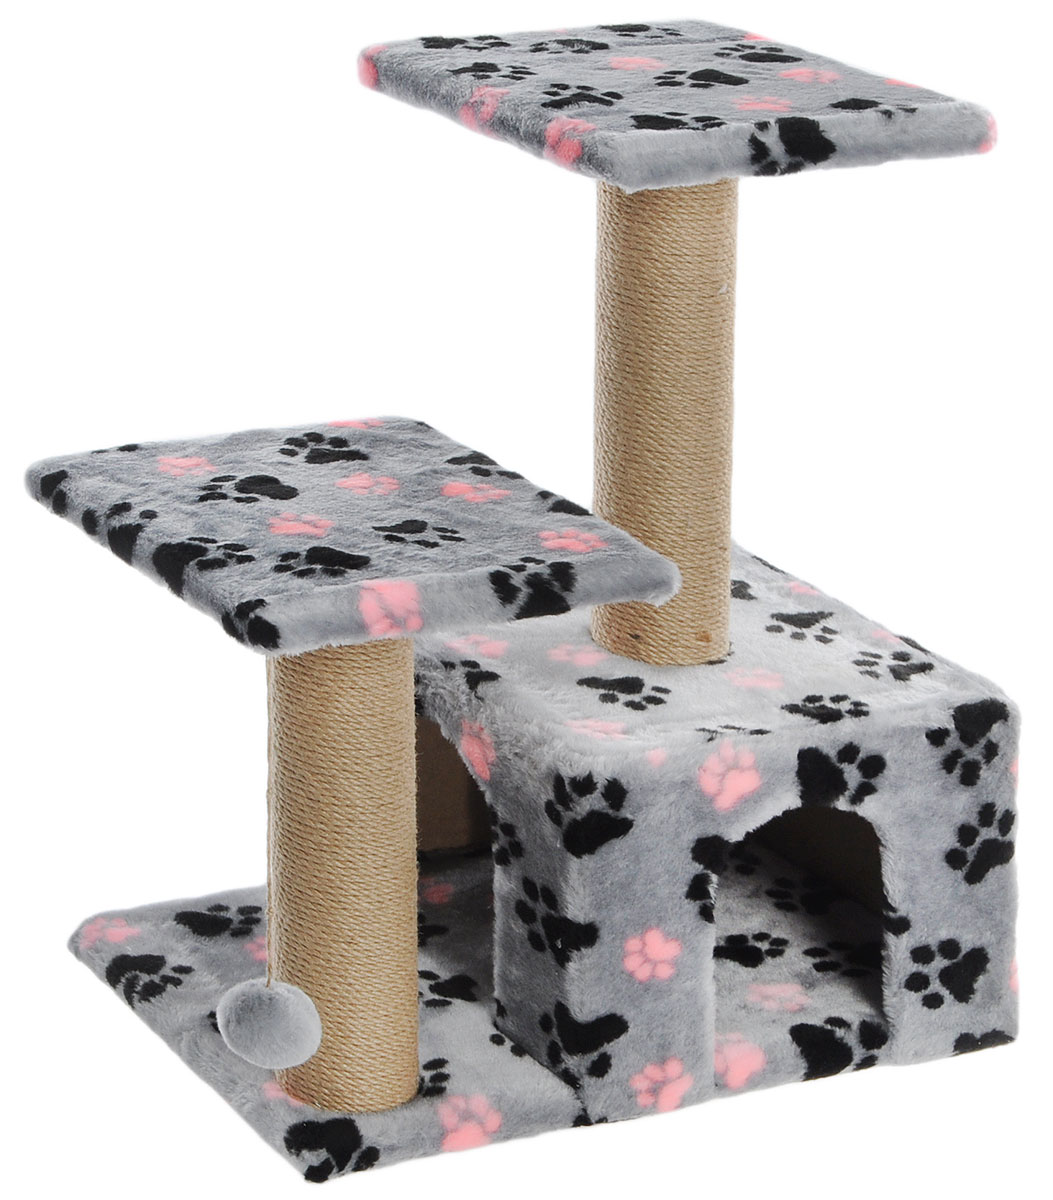 Игровой комплекс для кошек Гамма, двухуровневый, цвет: серый, черный, розовый, 57 х 35 х 77 см